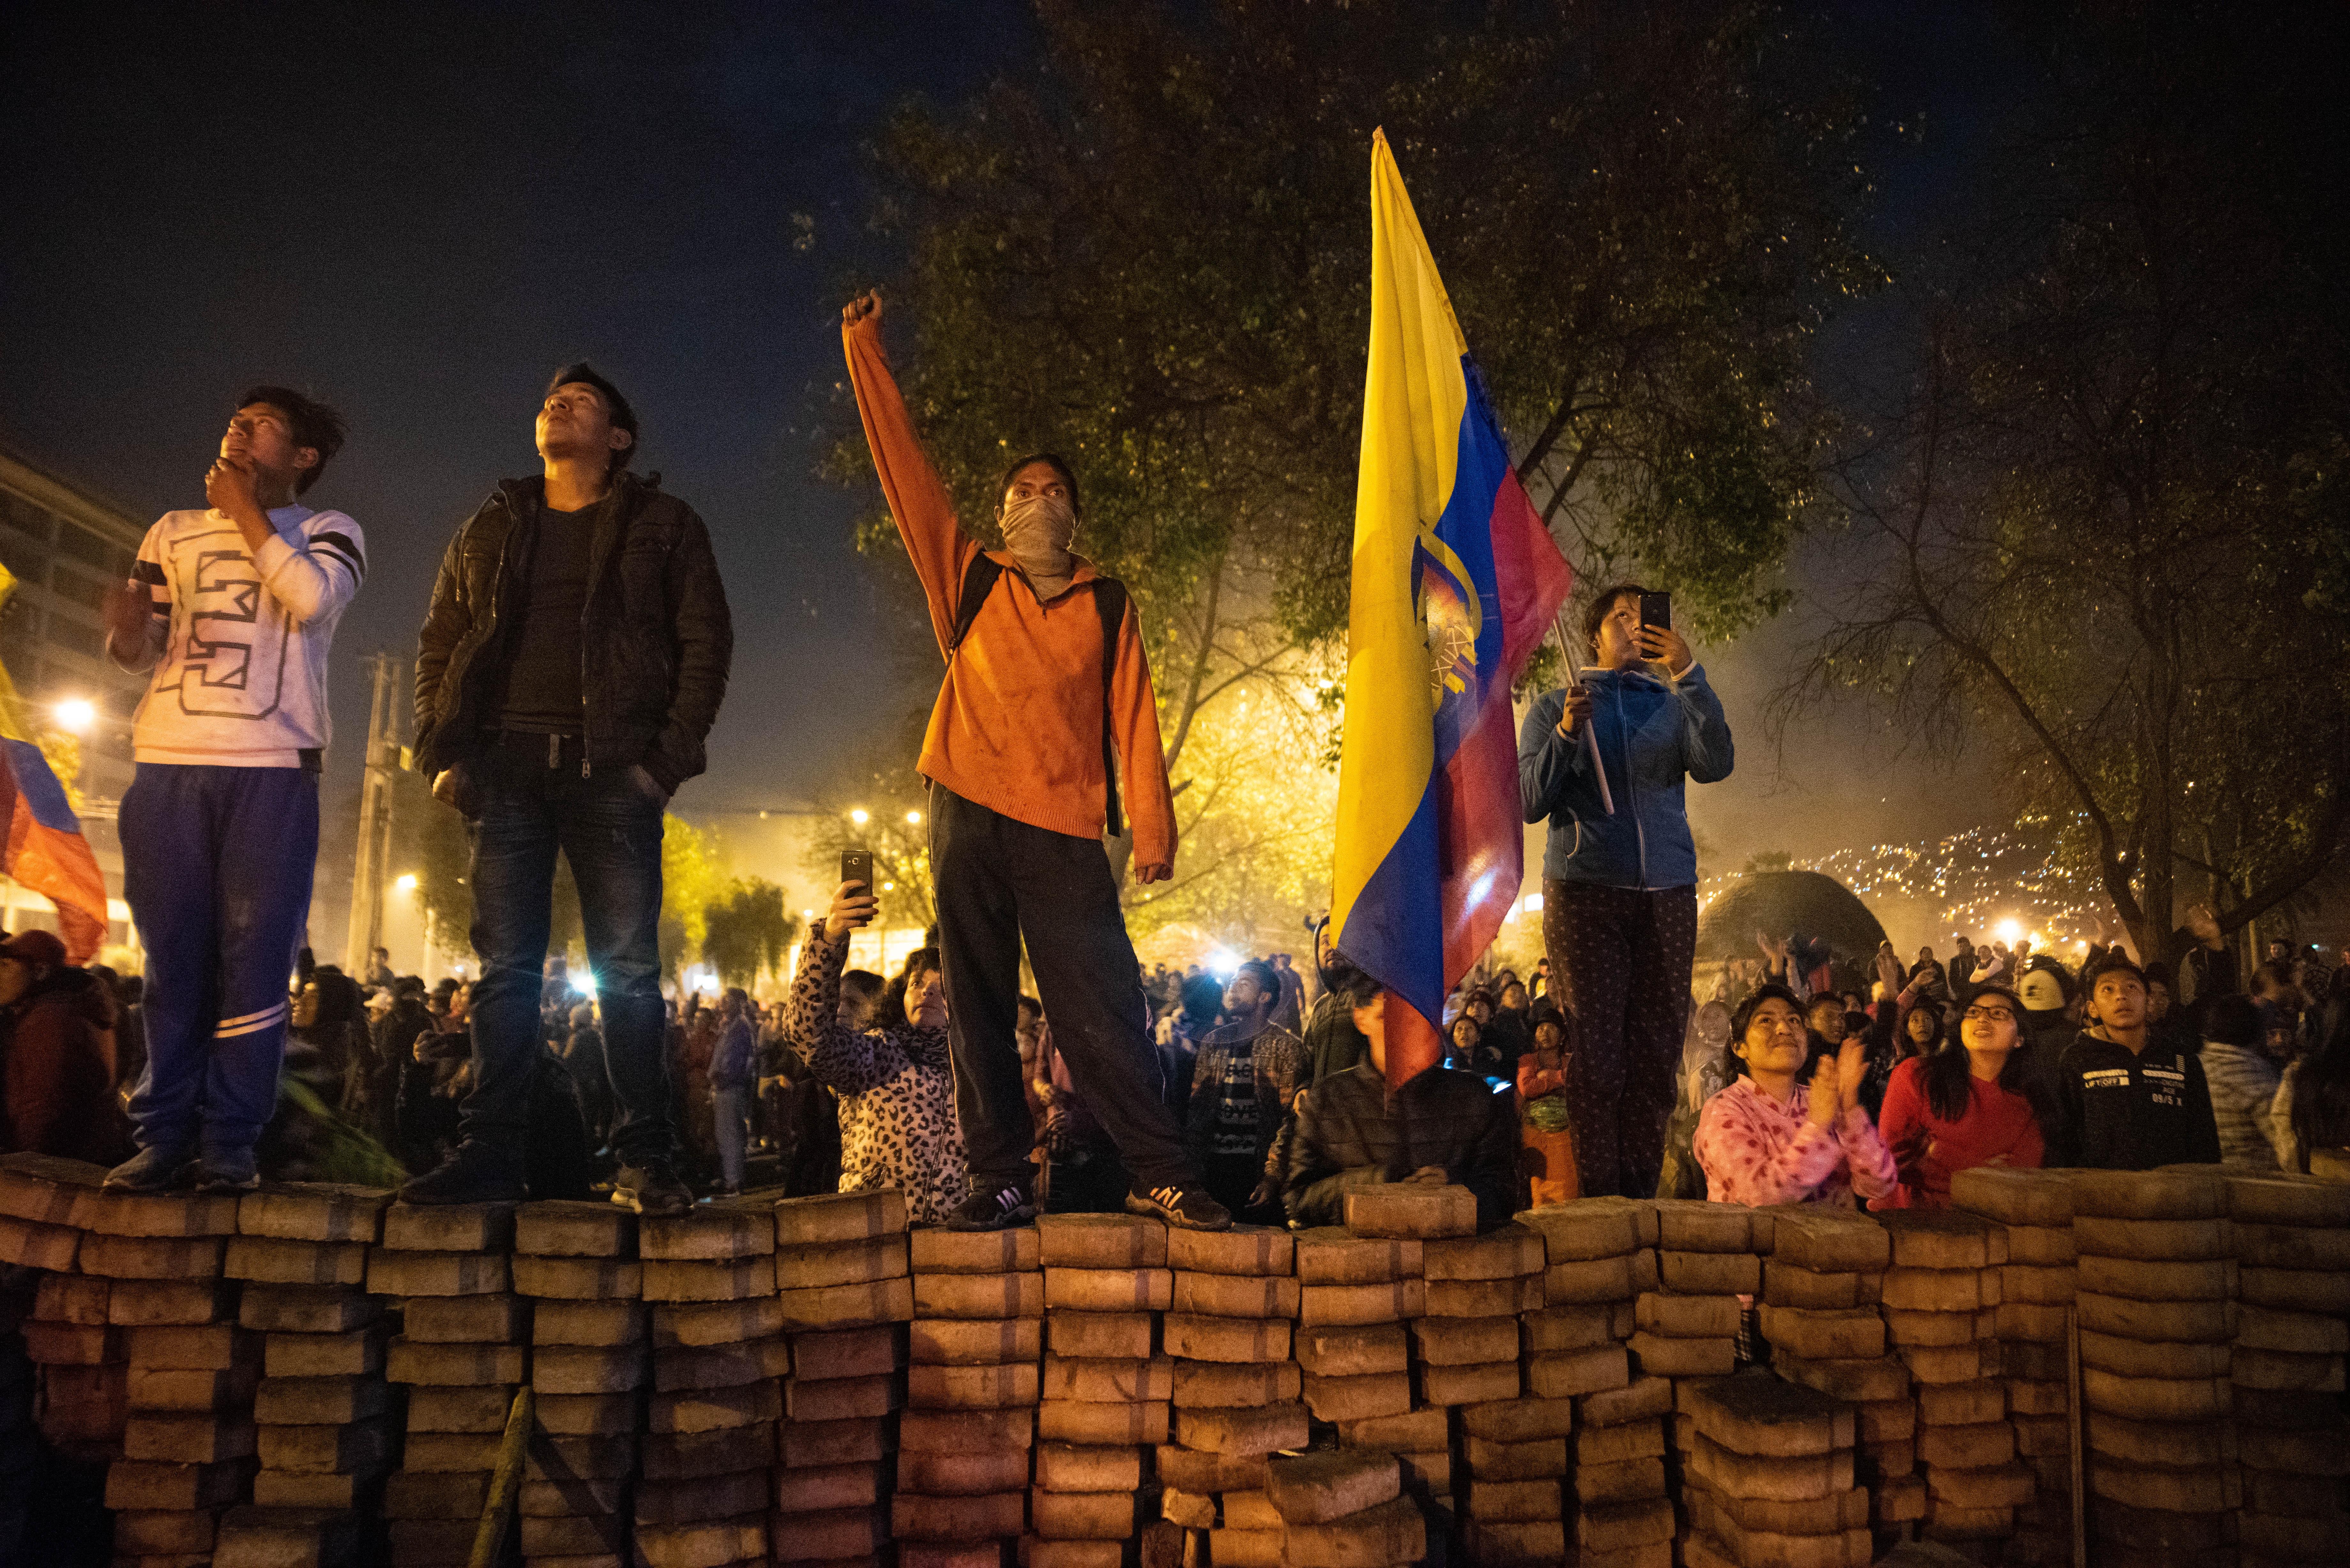 Miles de jóvenes y estudiantes participaron en las manifestaciones y estuvieron presentes en el festejo del domingo por la noche en Quito.